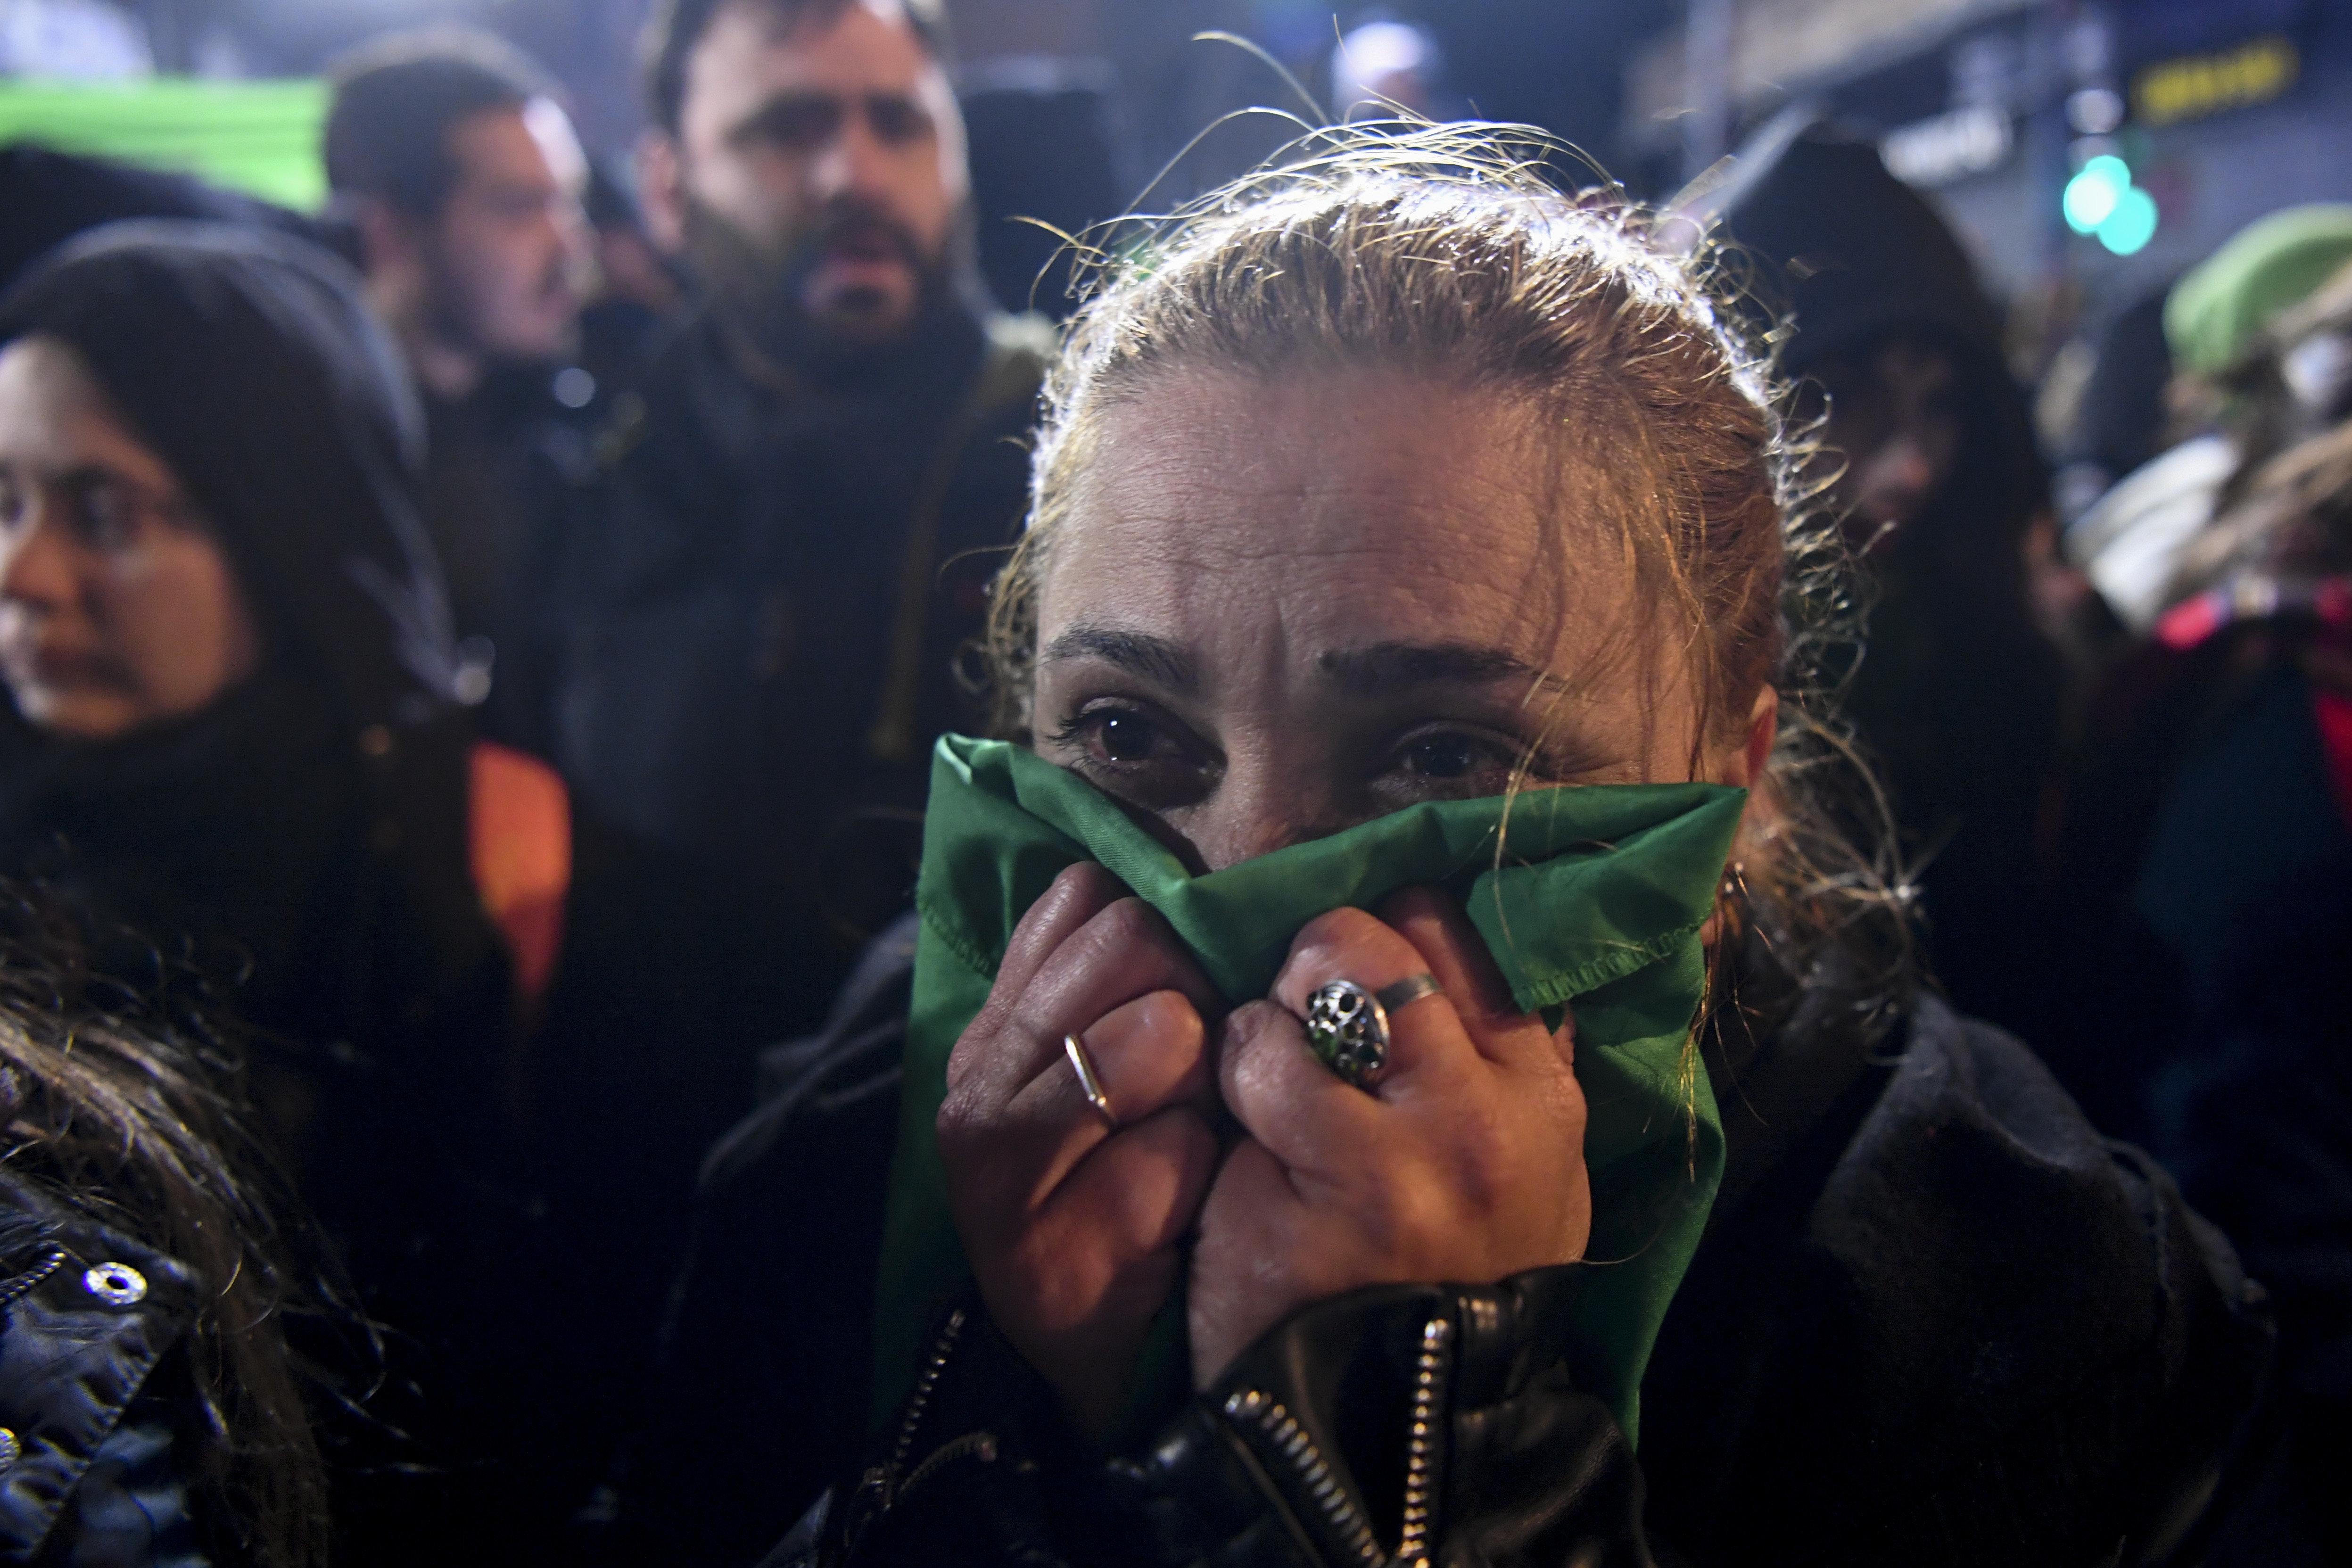 아르헨티나 의회가 16시간 넘는 토론 끝에 '임신중단 합법화' 법안을 부결시켰다